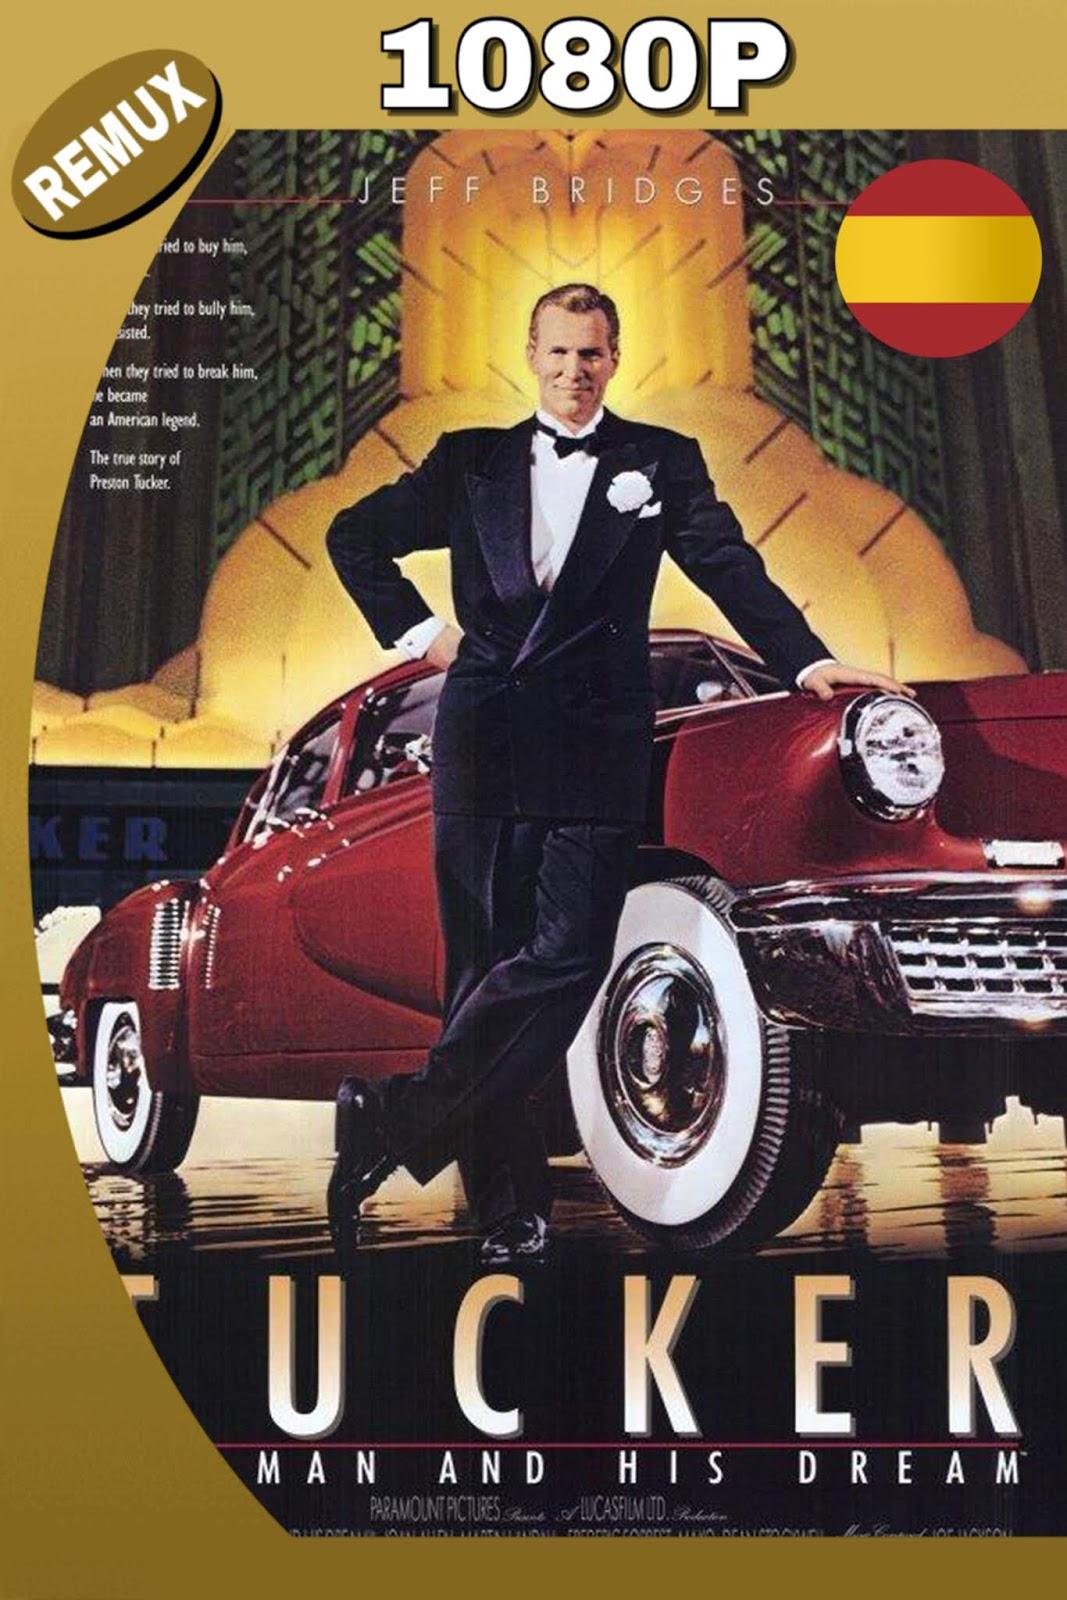 TUCKER: UN HOMBRE Y SU SUEÑO 1988 ESP-ING HD BDREMUX 1080P 31GB.mkv